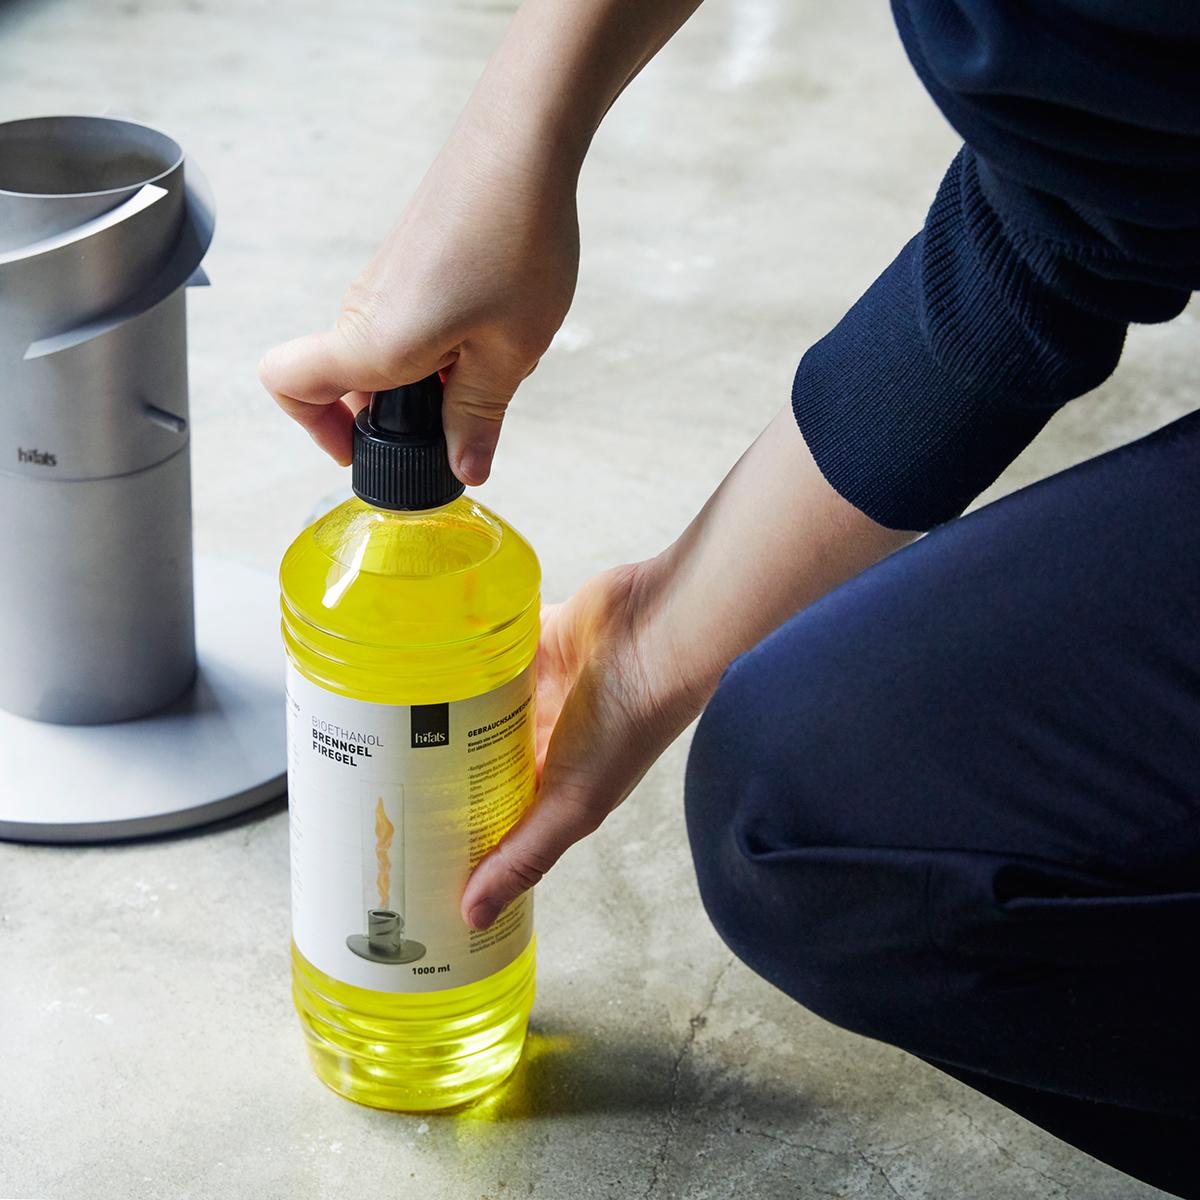 乾杯のあとは…「旋回ファイヤー!」|《オプション/詰め替え用燃料ボトル1ℓ × 6本セット》煙やニオイがほとんど出ない、安全仕様の「SPIN」専用ジェル状燃料|Höfats